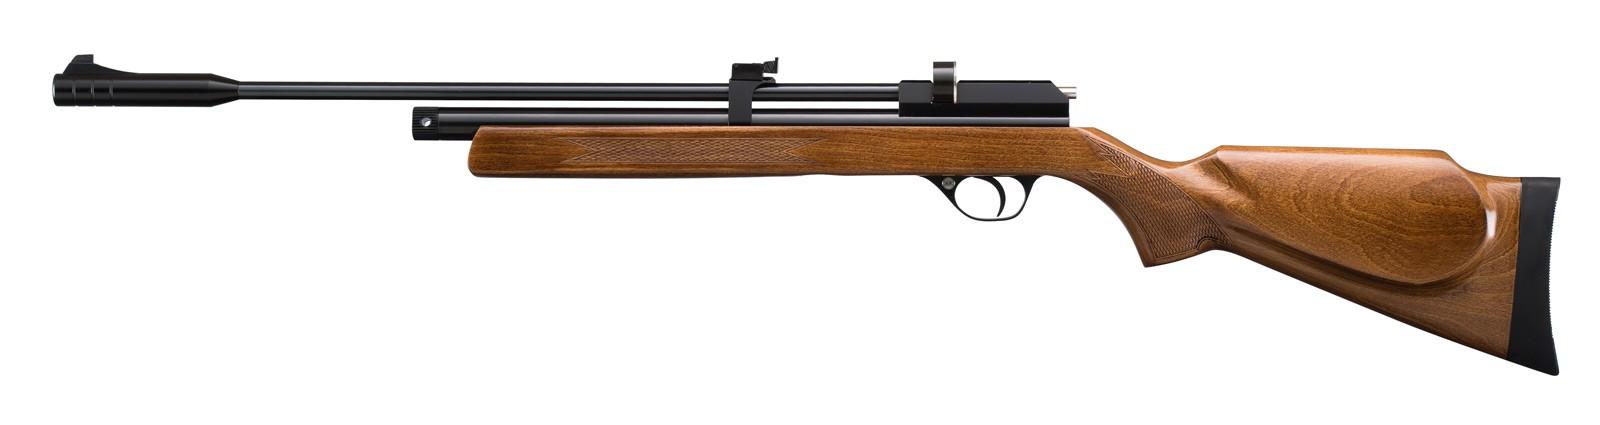 Artemis CR600W Kolsyregevär